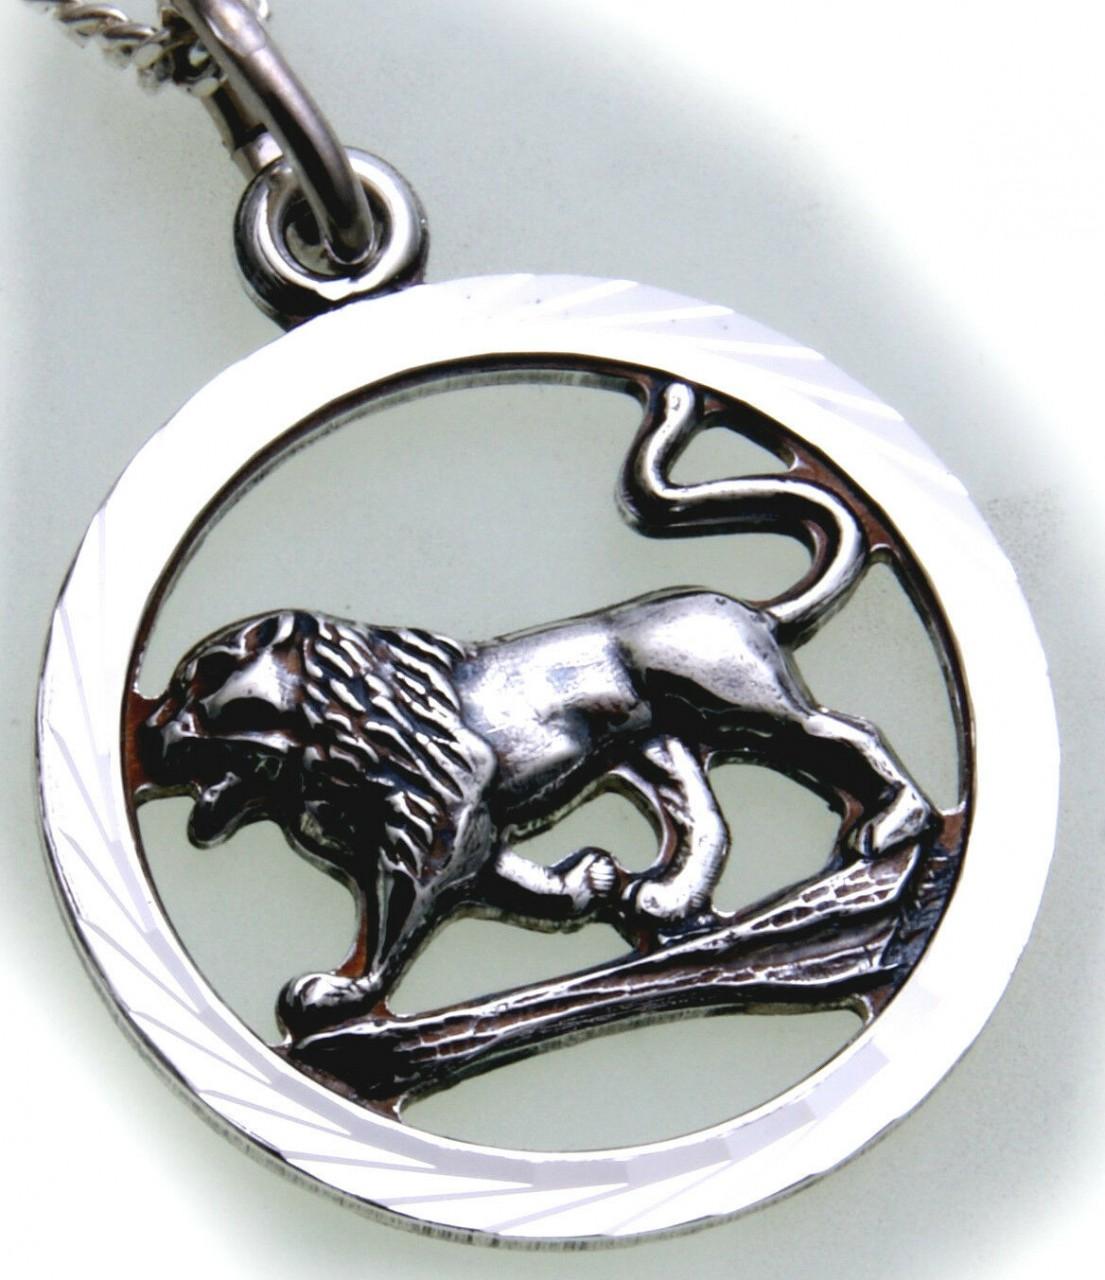 Anhänger Sternzeichen Löwe echt Silber 925 mit Kette Horoskop Sterling Qualität